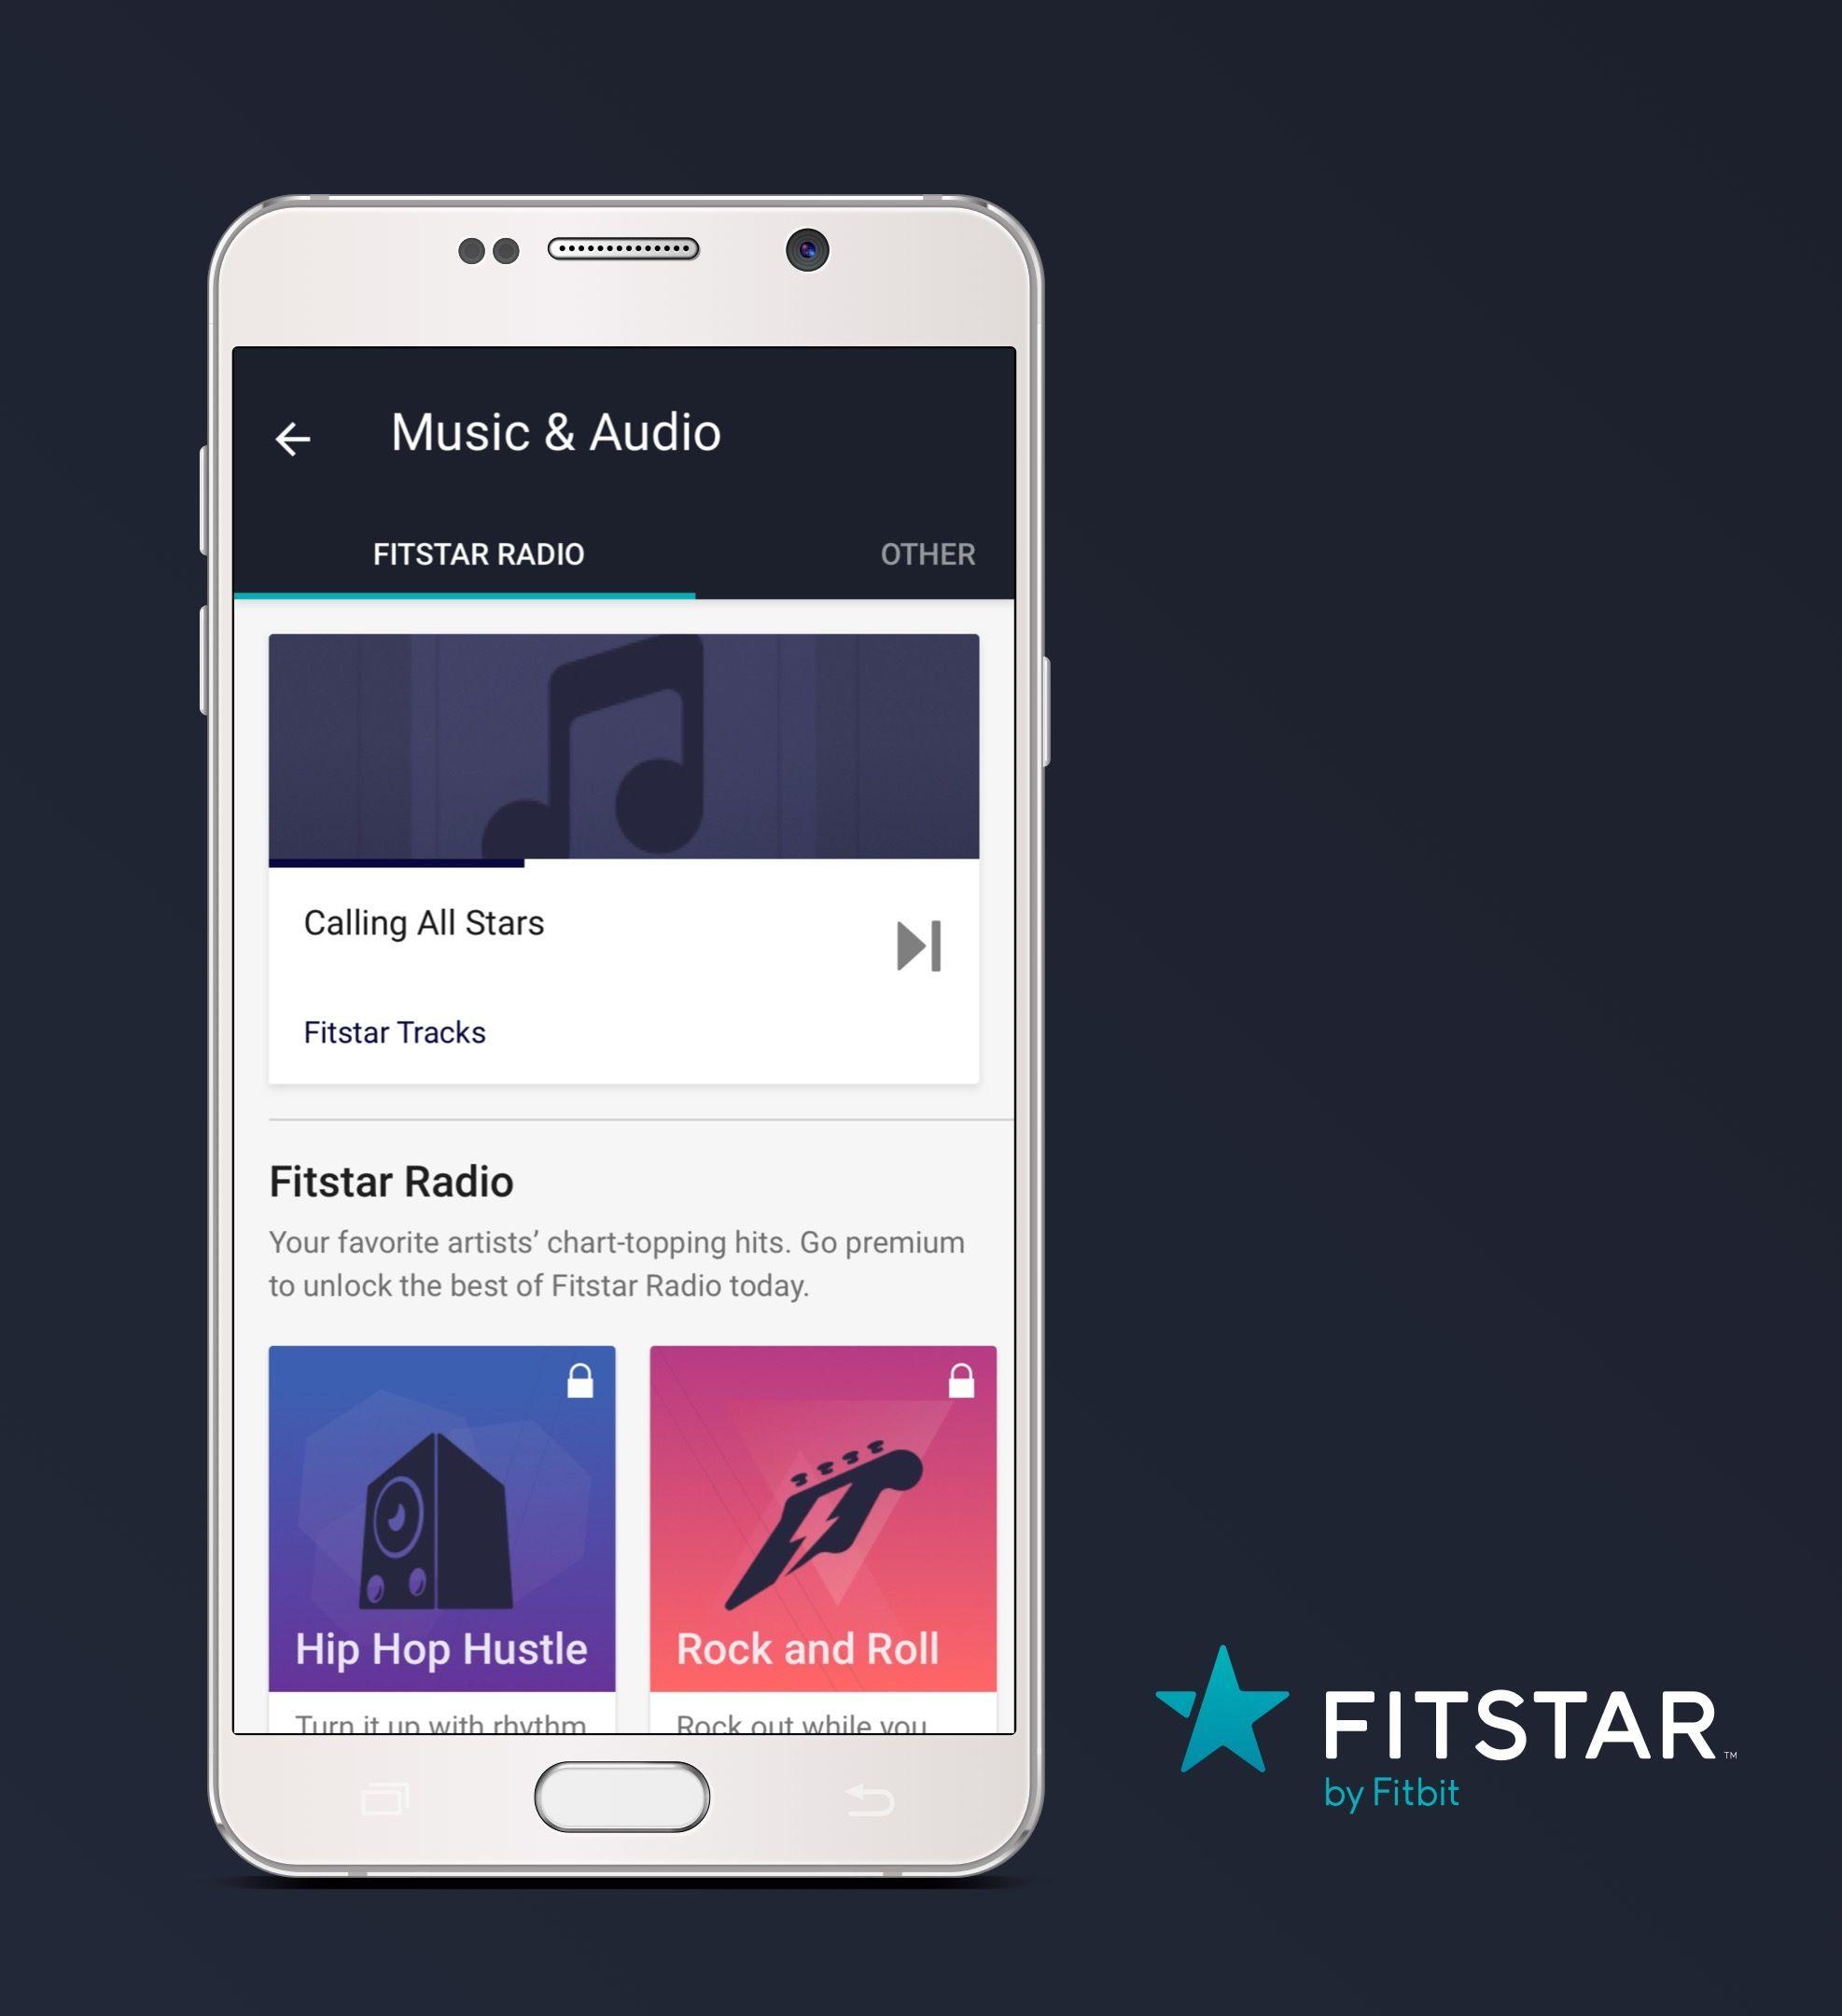 Fitstar Radio er også blant nyhetene denne gangen.